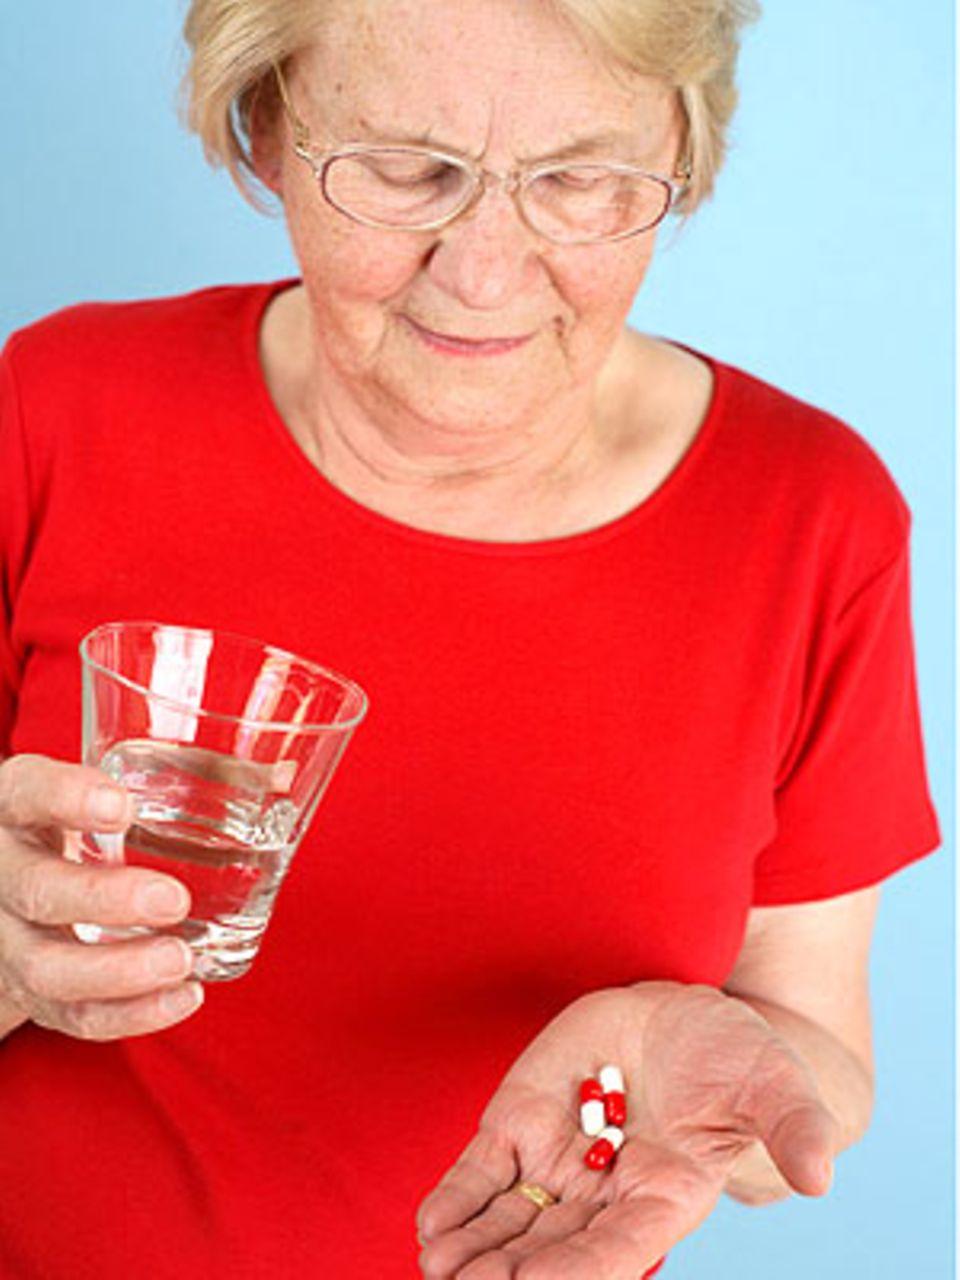 Von all dem Medikamenten-Unheil ist vor allem eine Bevölkerungsgruppe gebeutelt: die Älteren